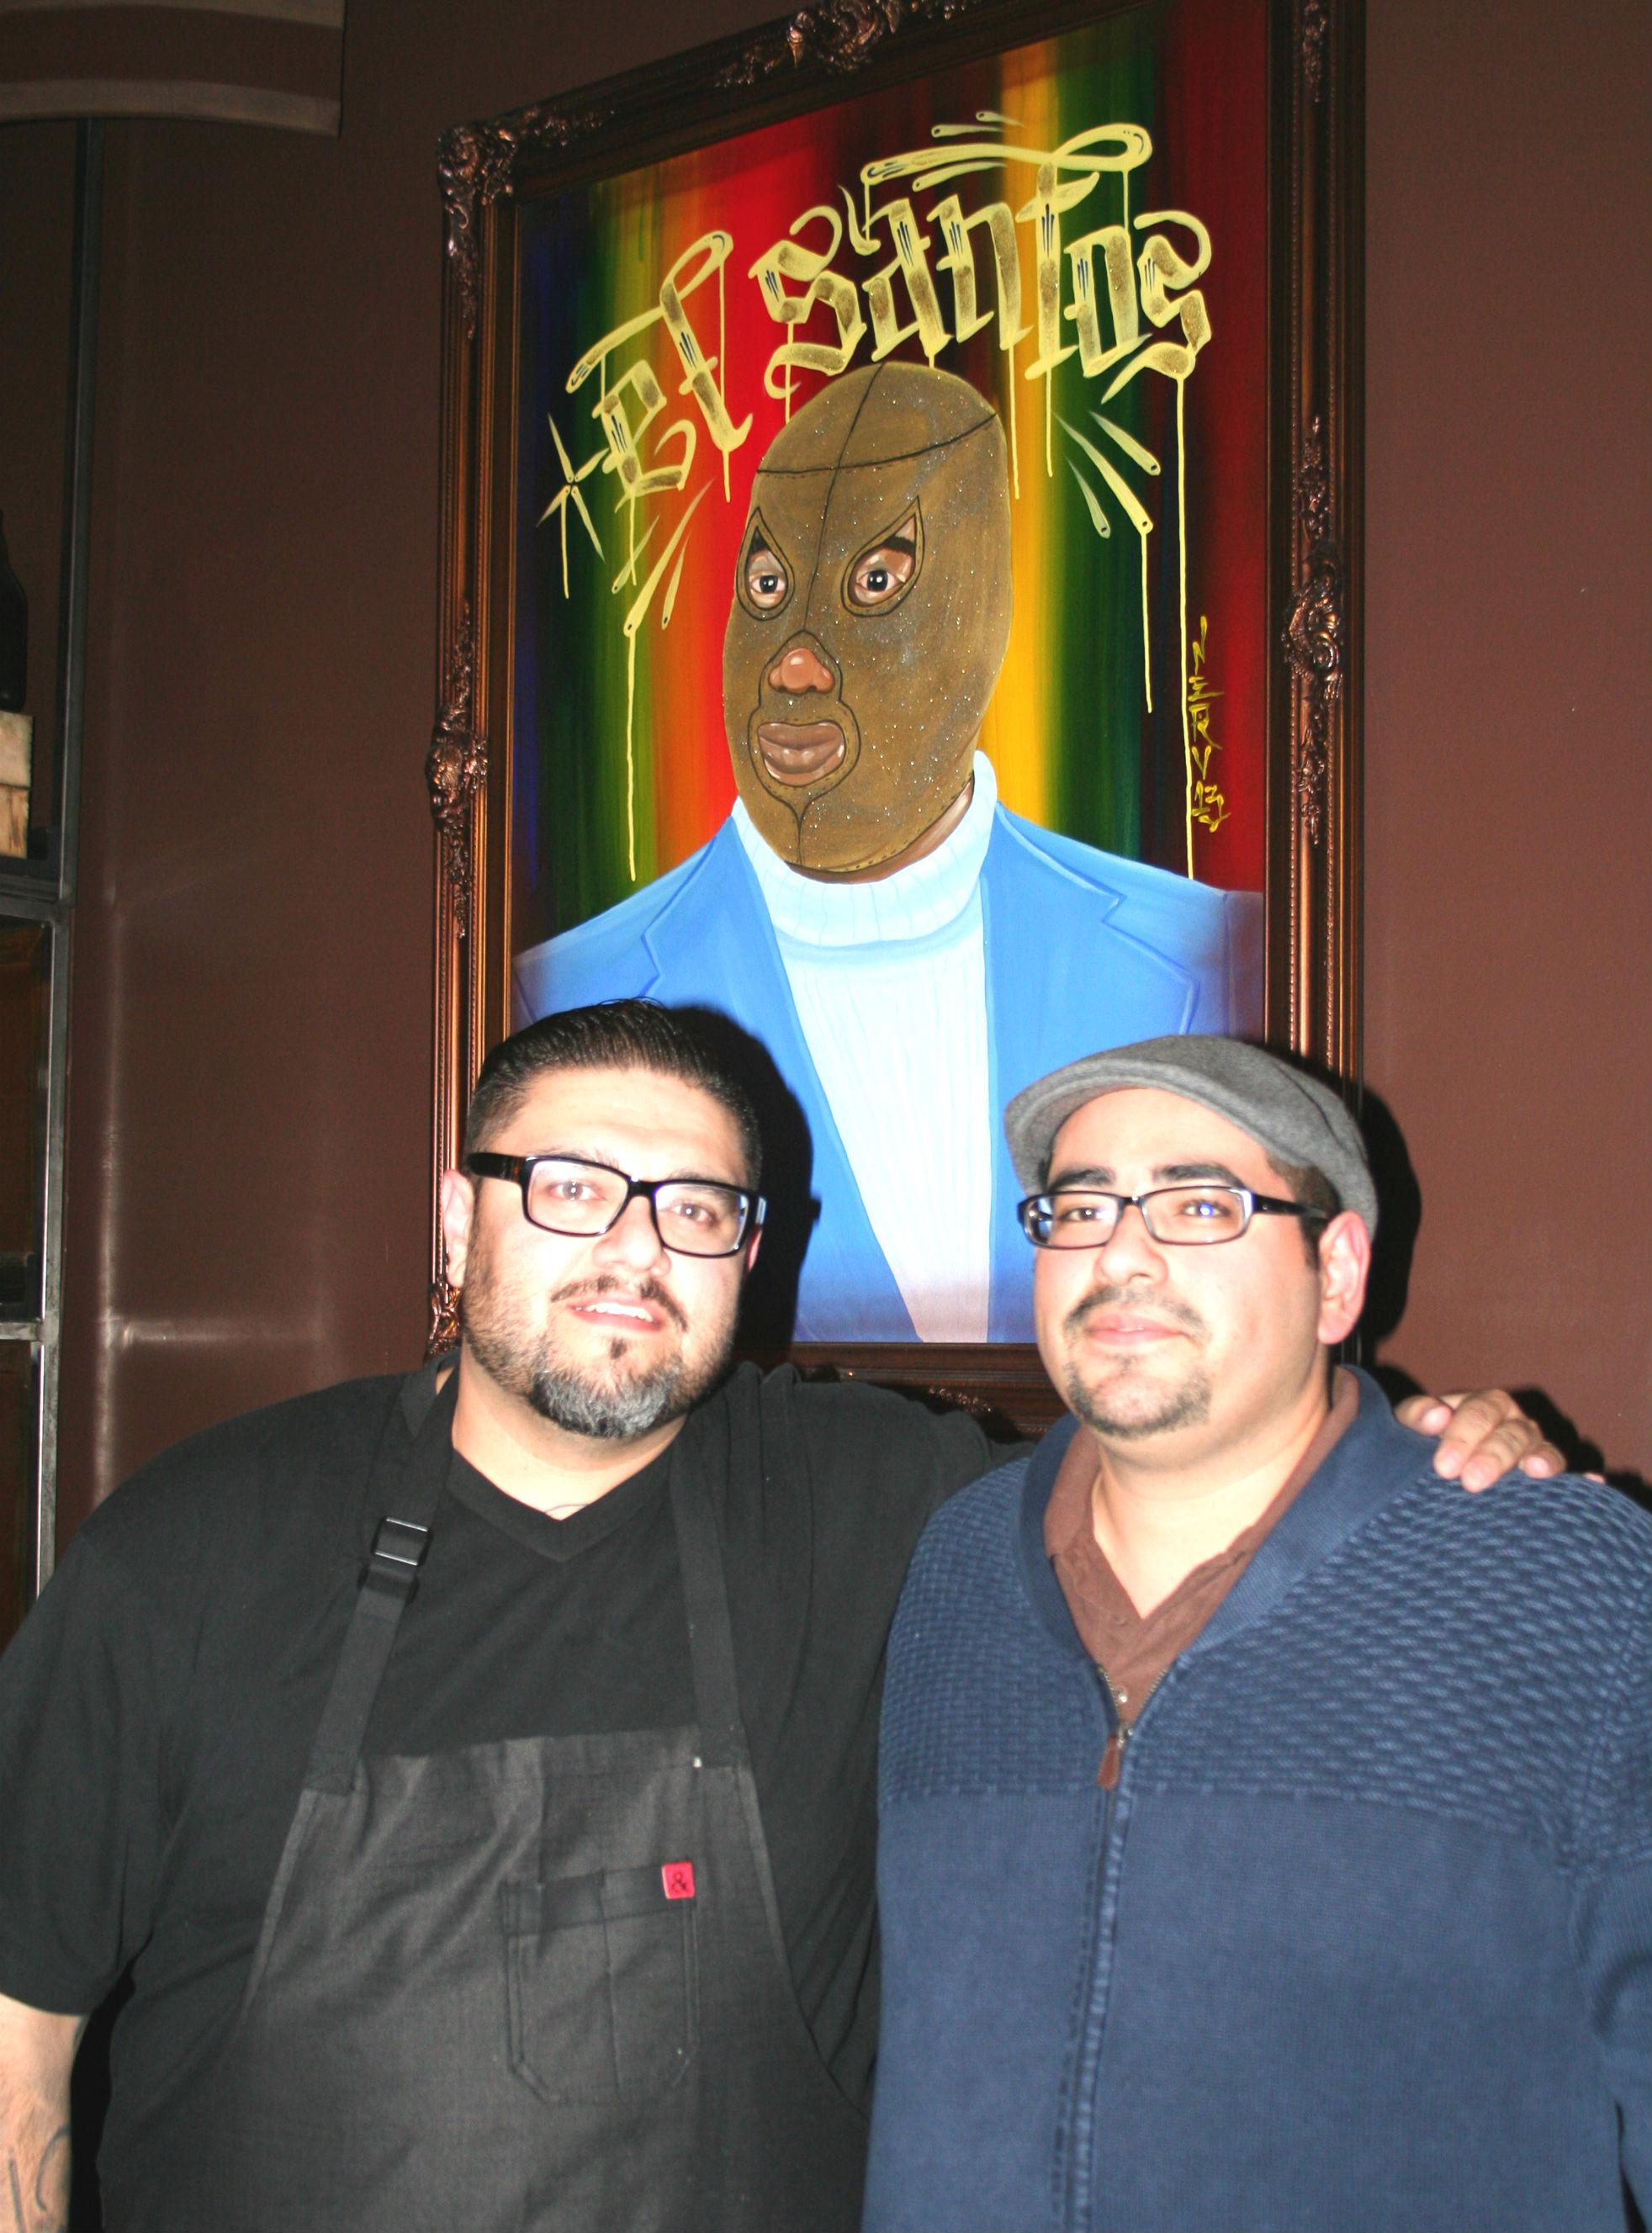 Chef Ortega with Art Rodriguez